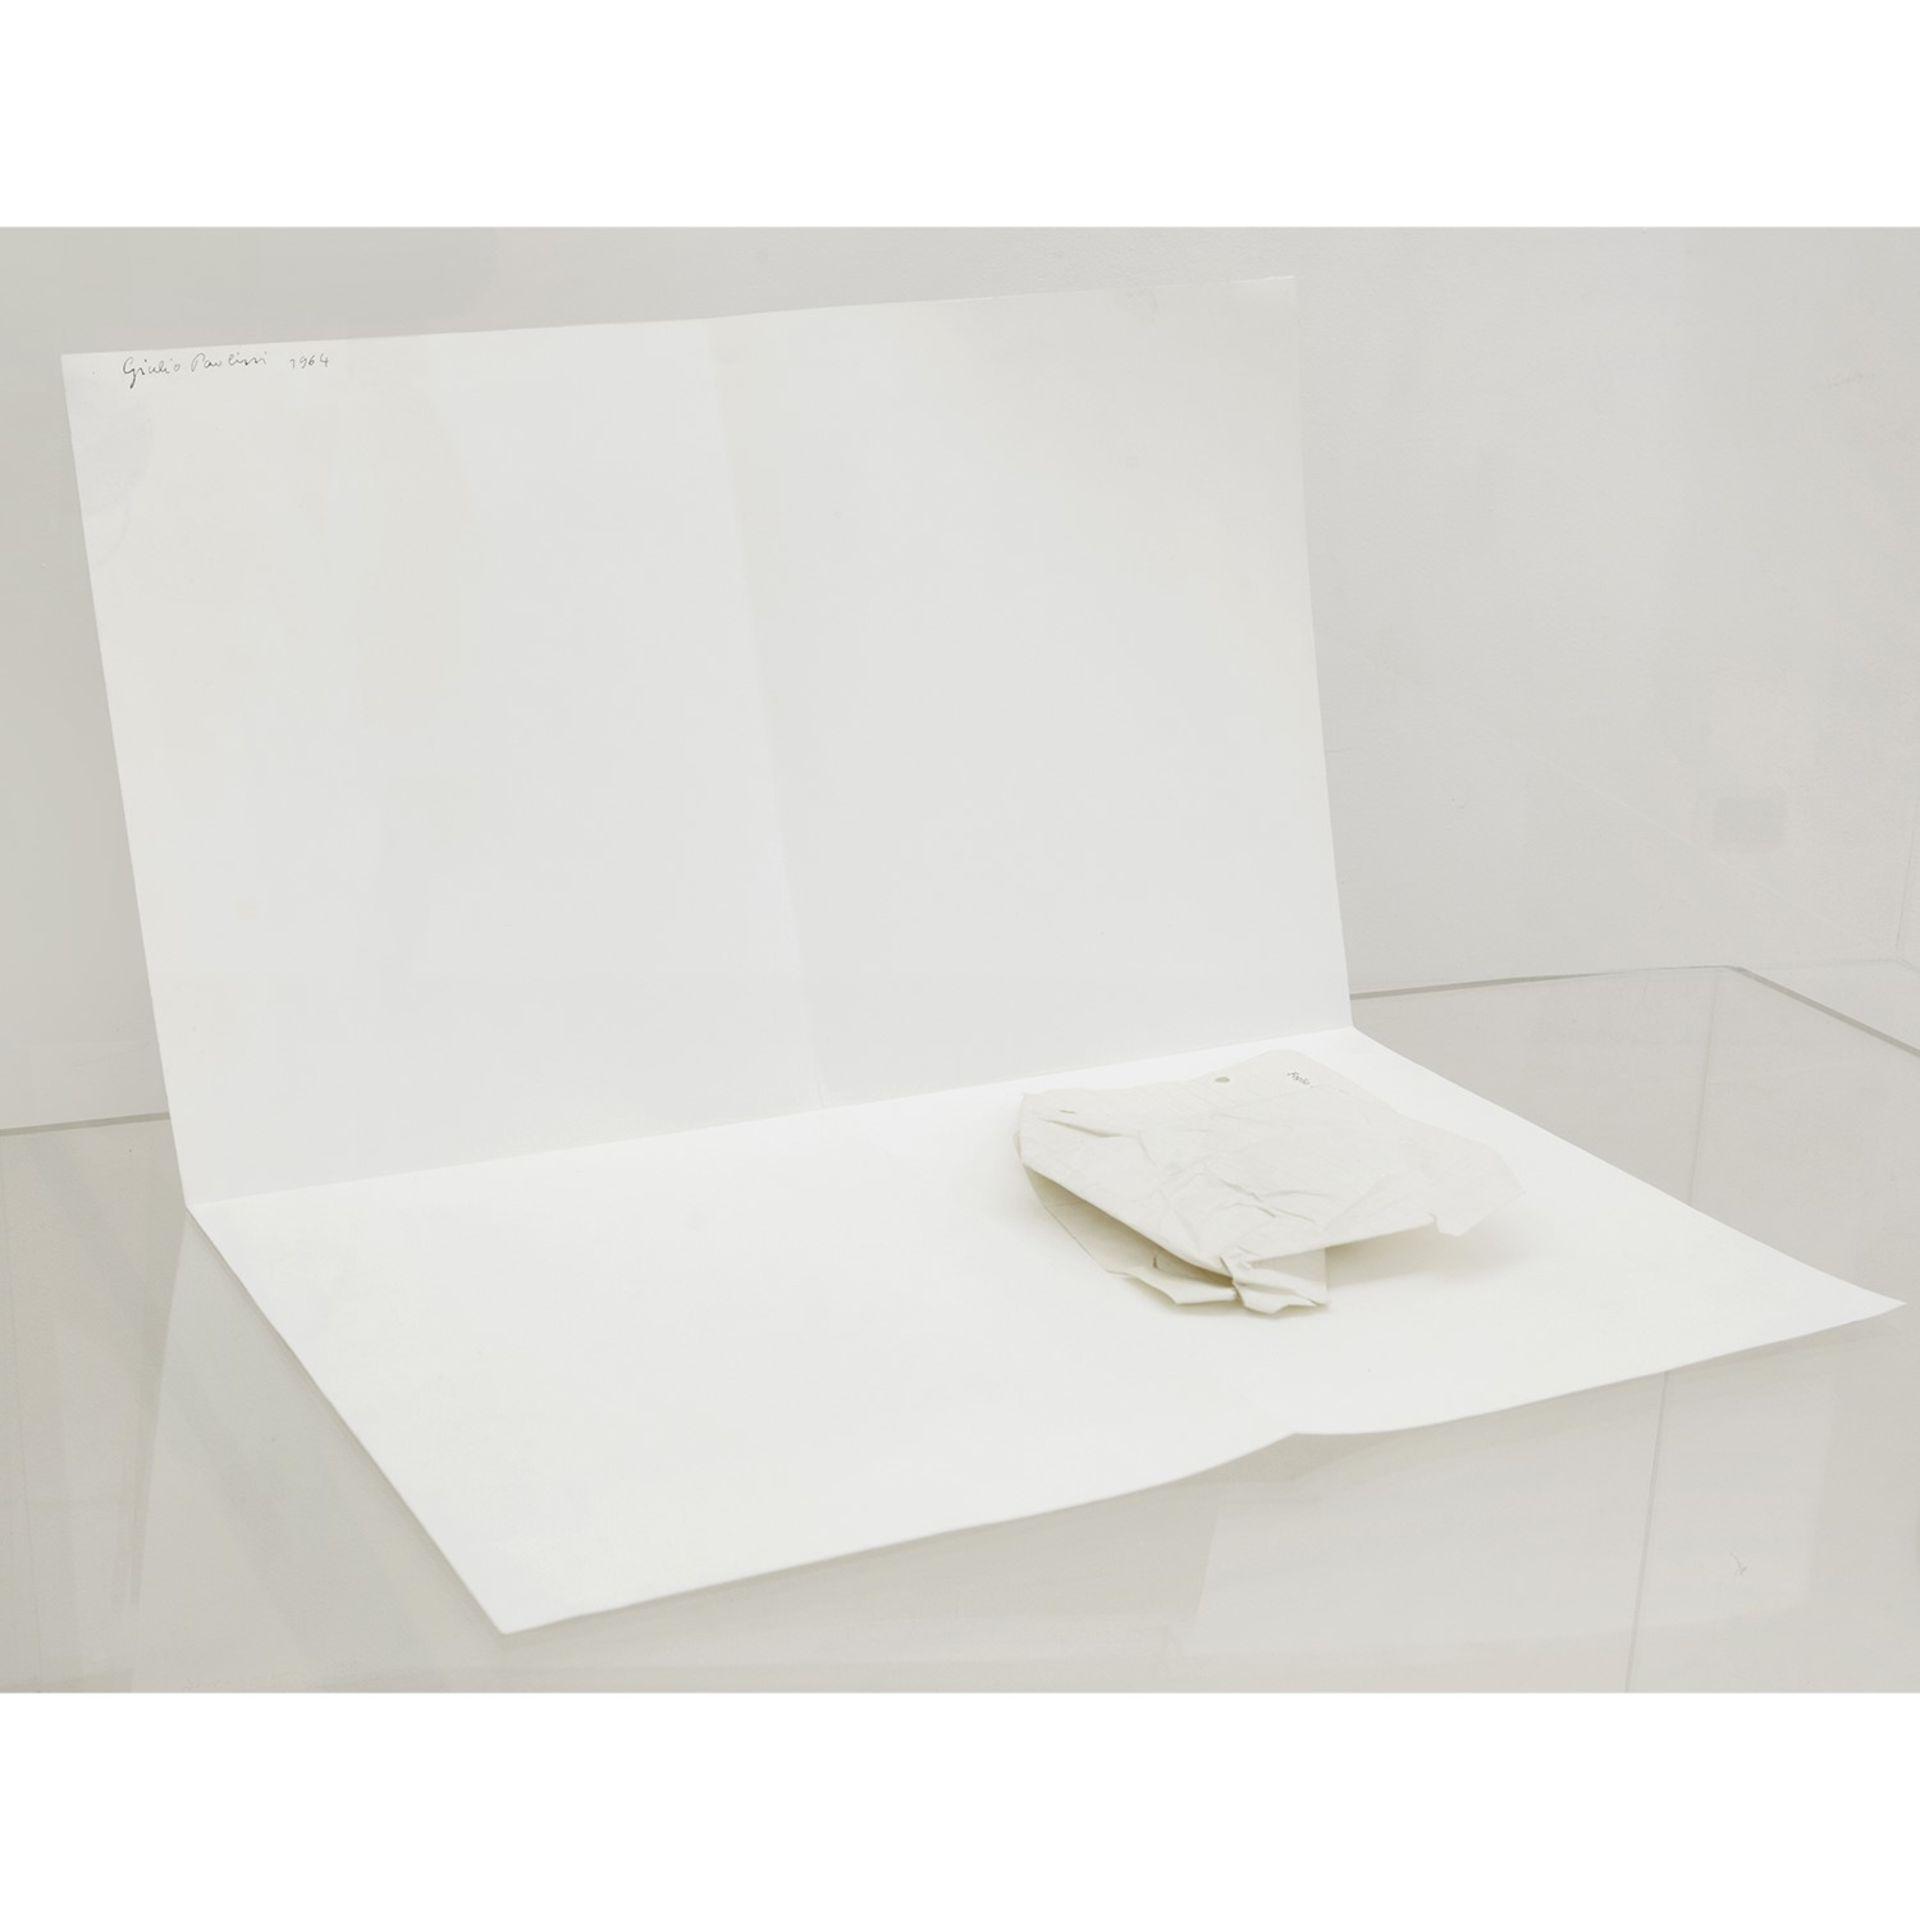 Giulio Paolini (né en 1940) - Sans titre (SÉRIE «Disegni»), 1964 - [...] - Image 3 of 4